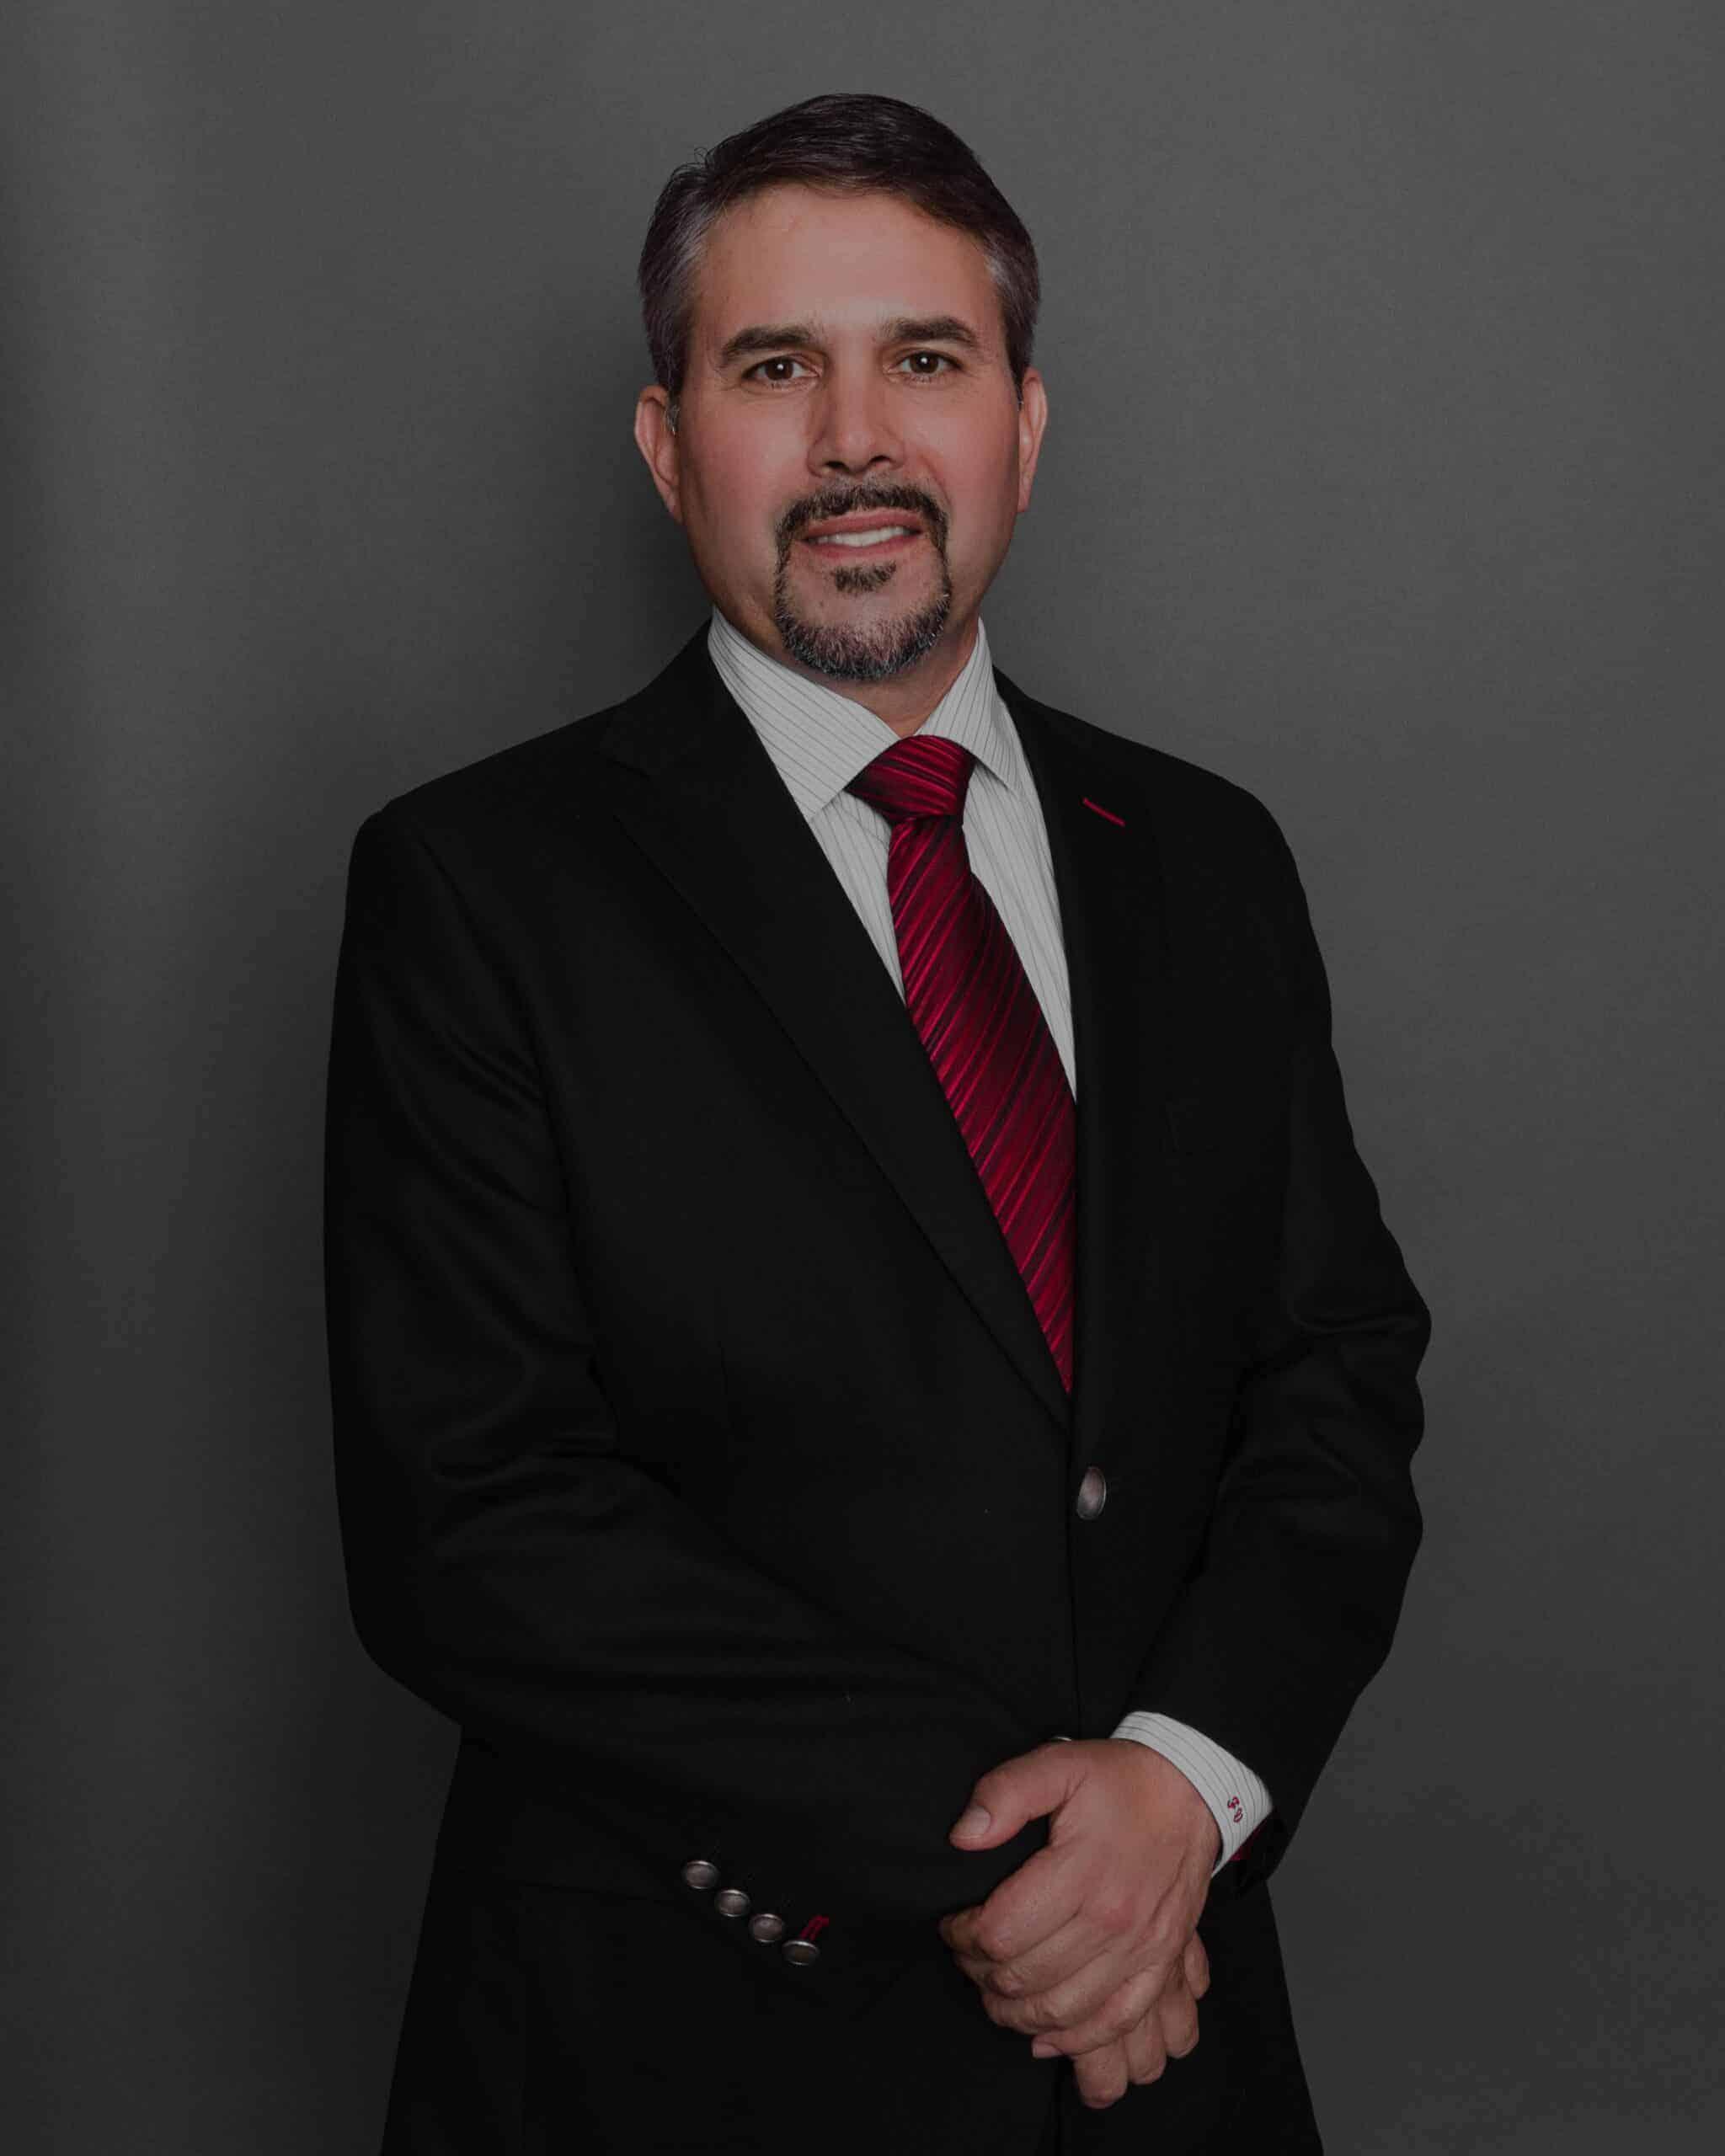 Francisco C. Valencia IV